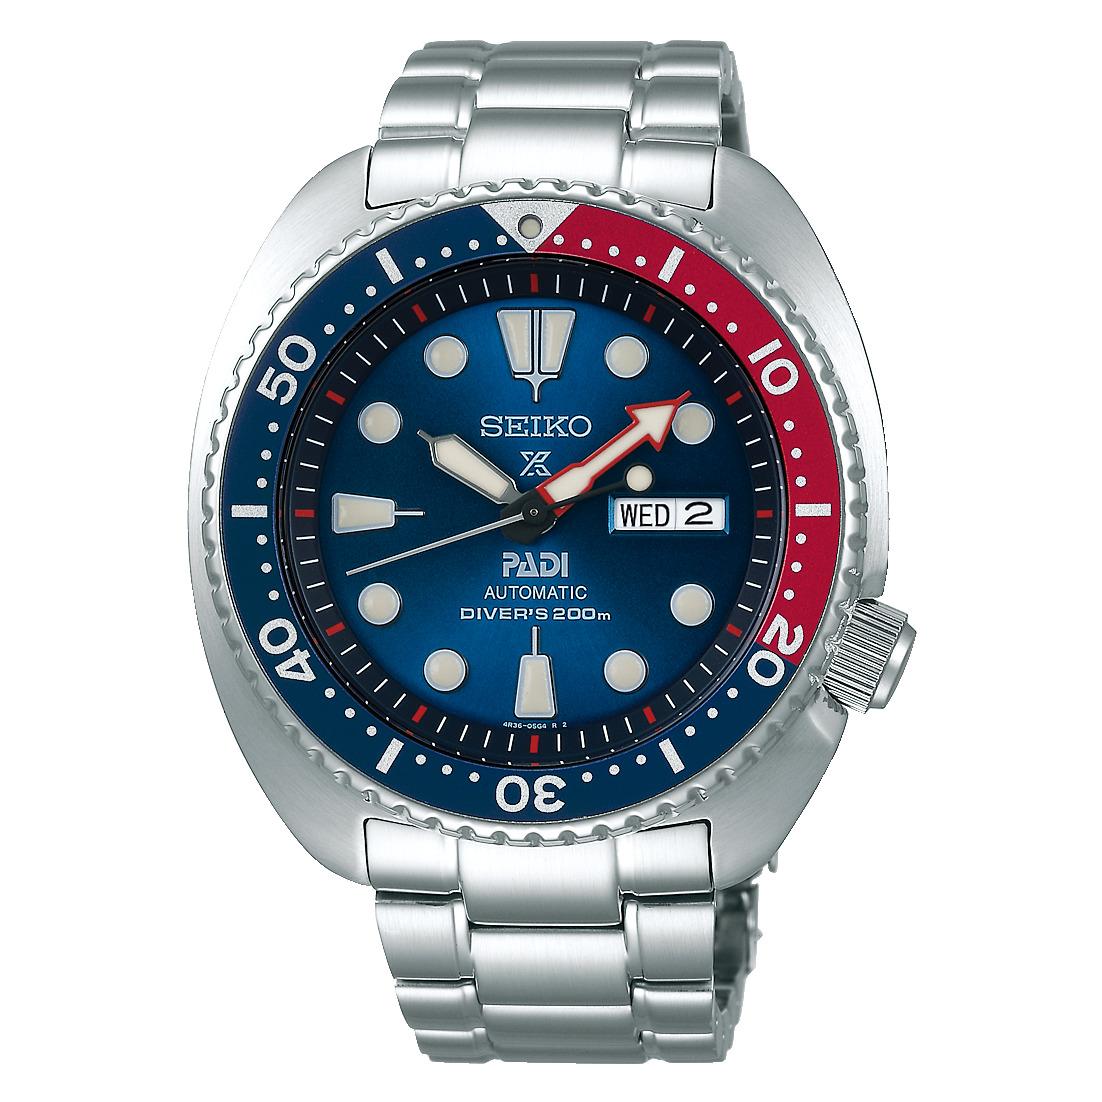 正規品 SEIKO PROSPEX セイコー プロスペックス SBDY017 PADIスペシャルモデル 腕時計